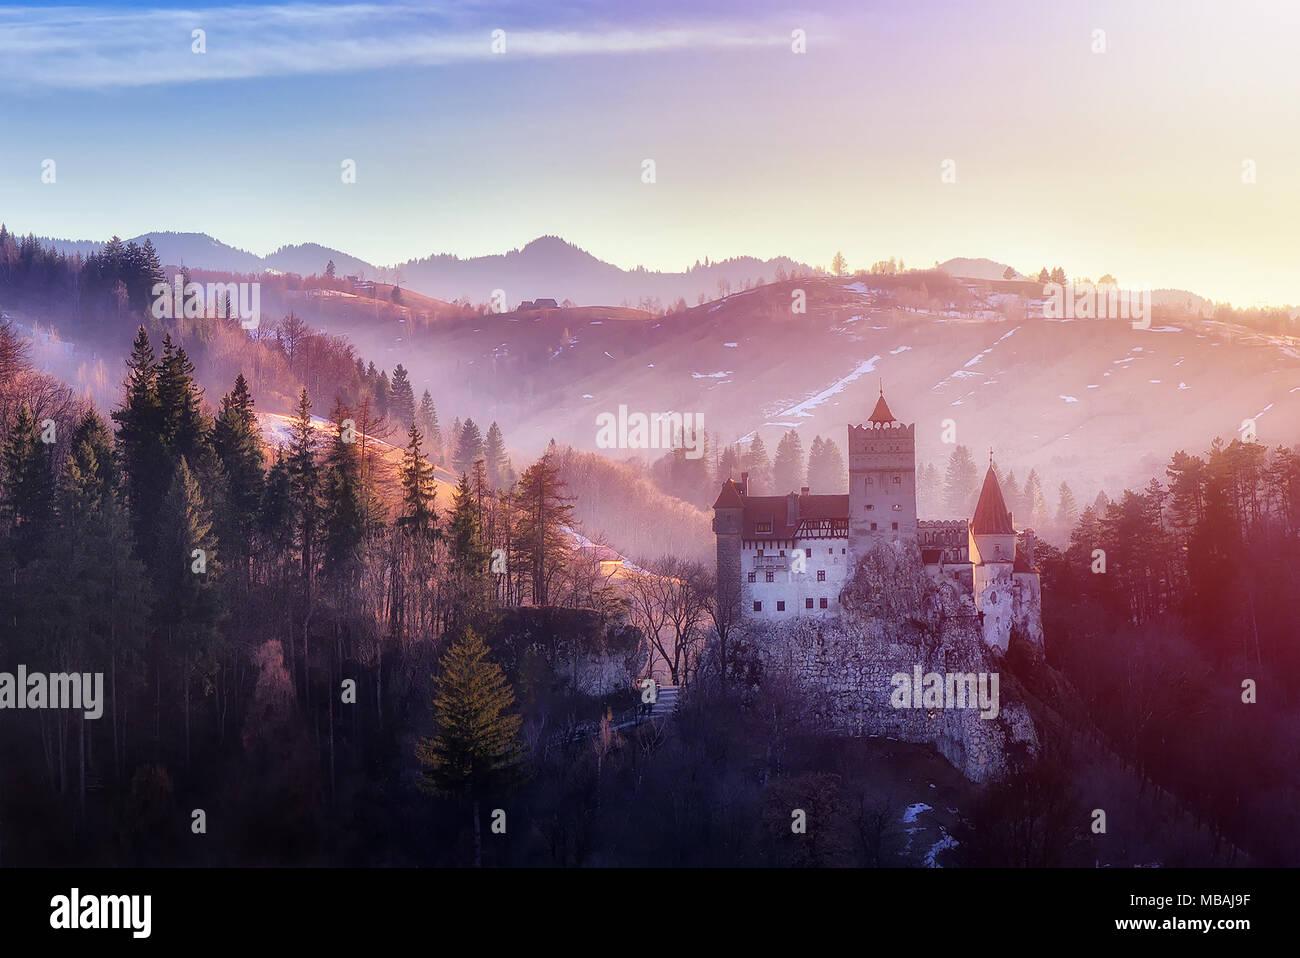 Le son ou château de Dracula en Transylvanie, Roumanie. Le château est situé au sommet d'une montagne, coucher de soleil lumière Photo Stock